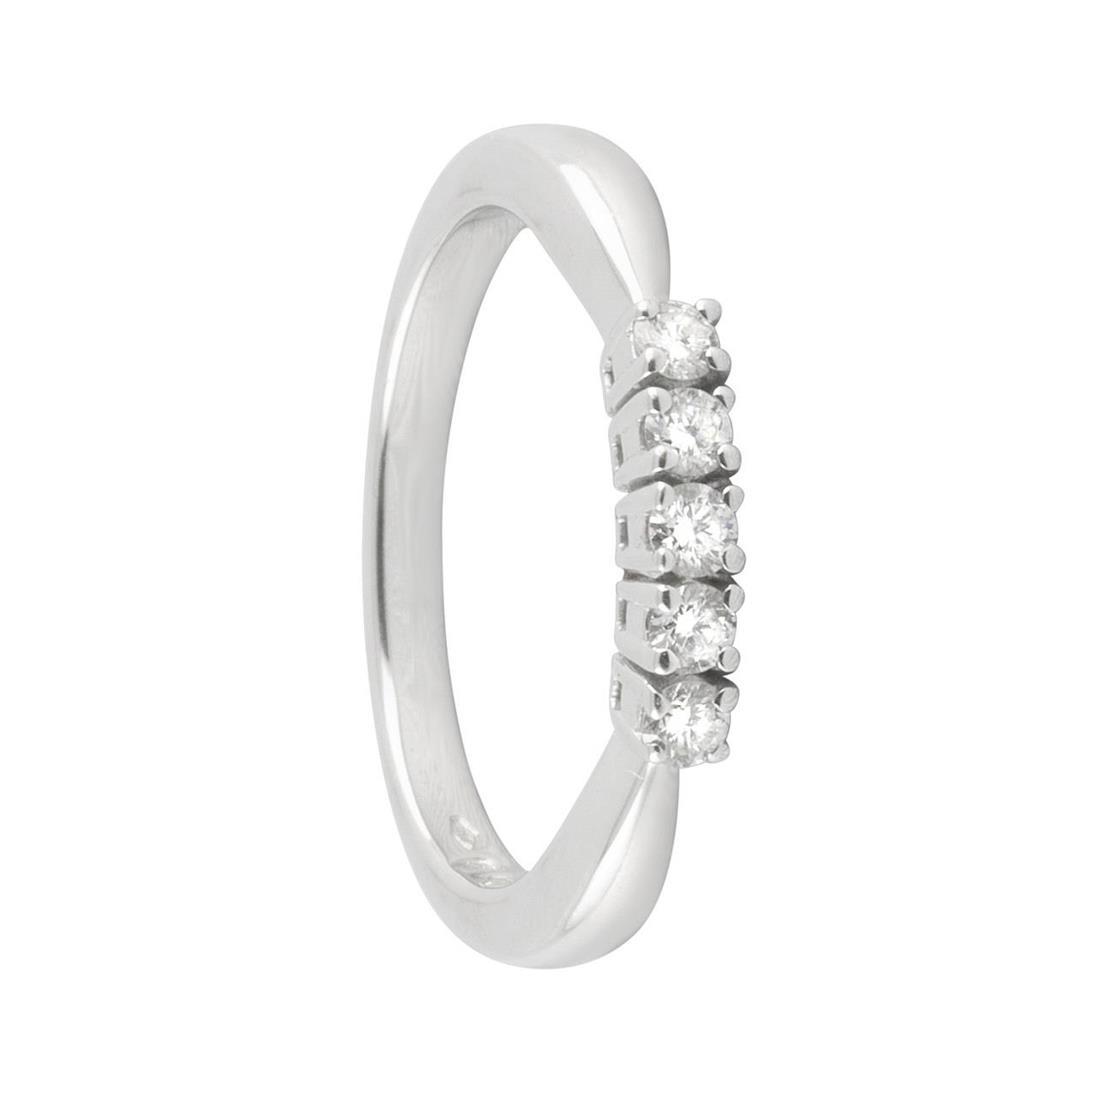 Anello veretta 5 pietre in oro bianco con diamanti ct 0.25, misura 15 - ALFIERI & ST. JOHN